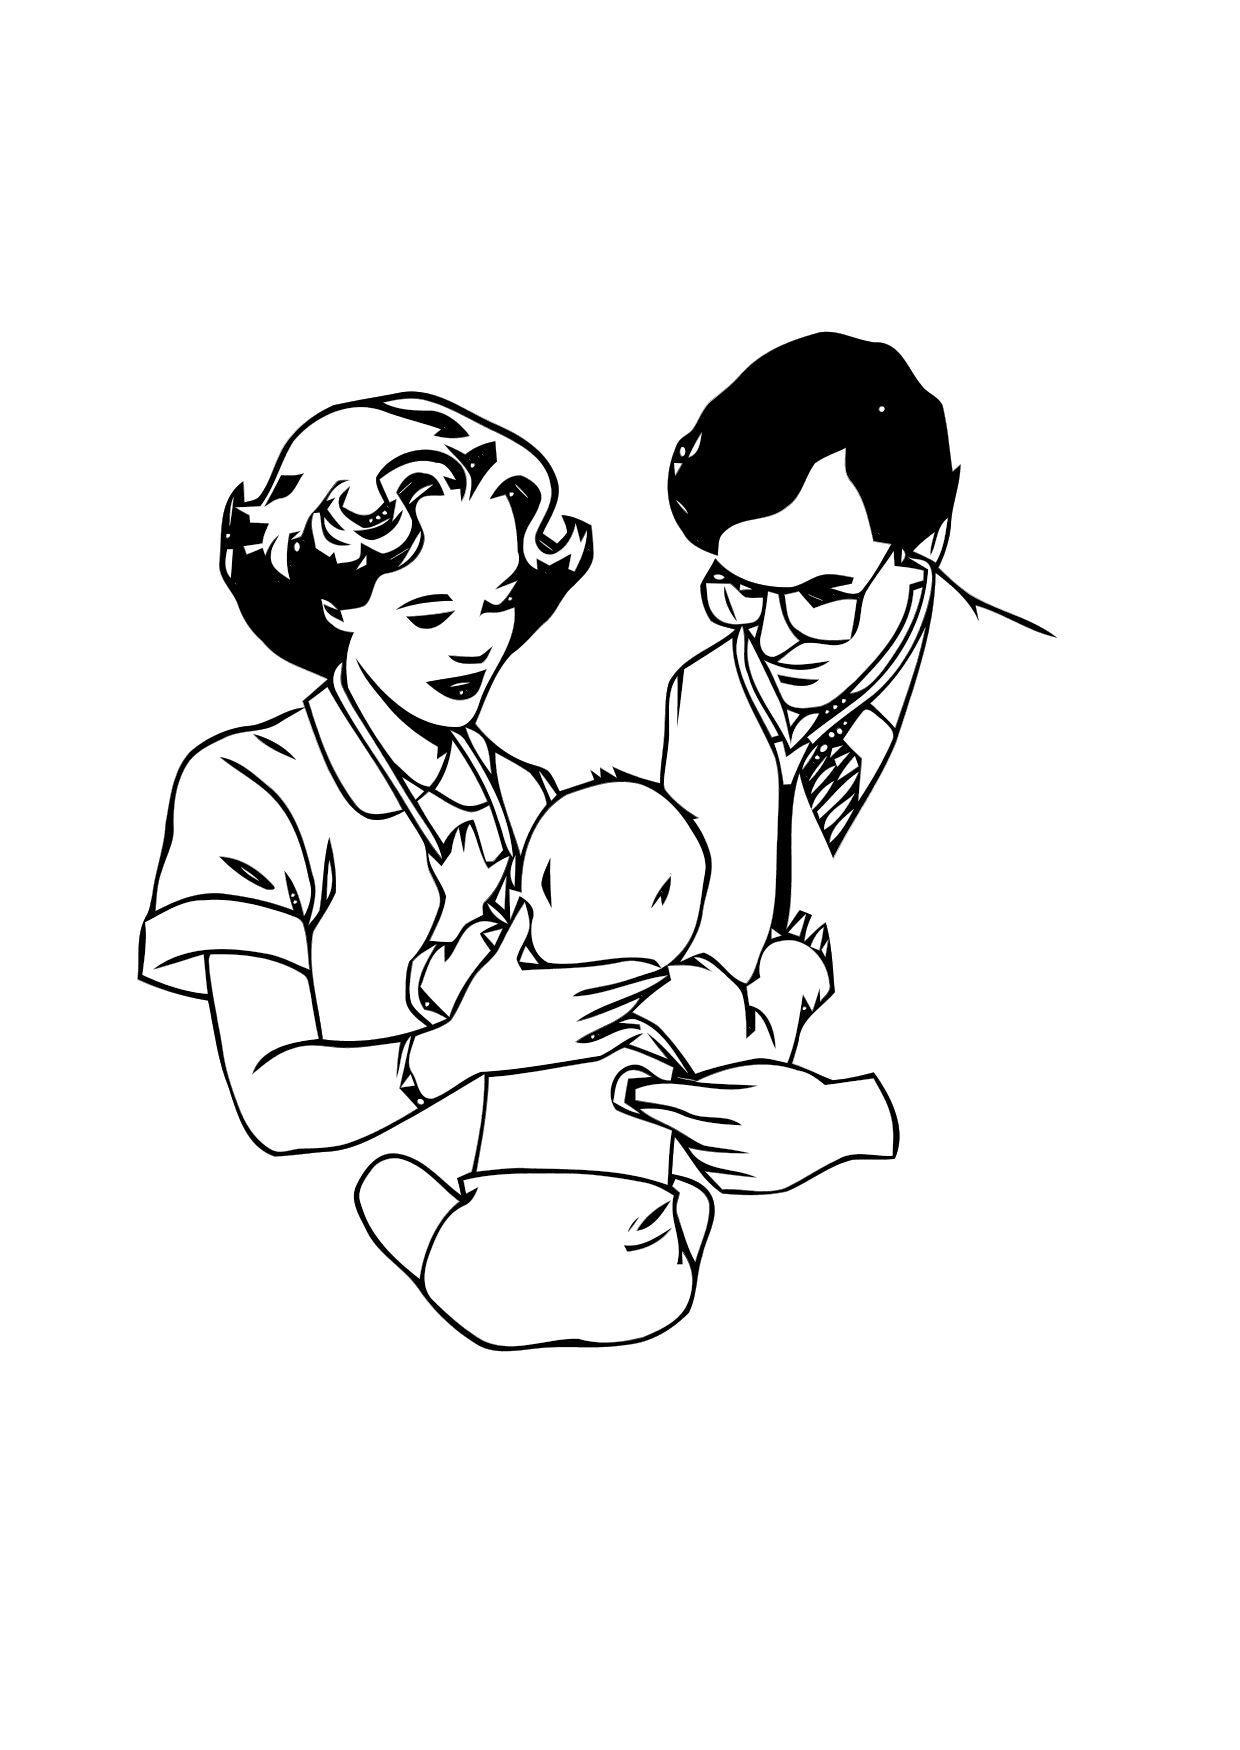 Malvorlage Arzt mit Baby Ausmalbild 12123